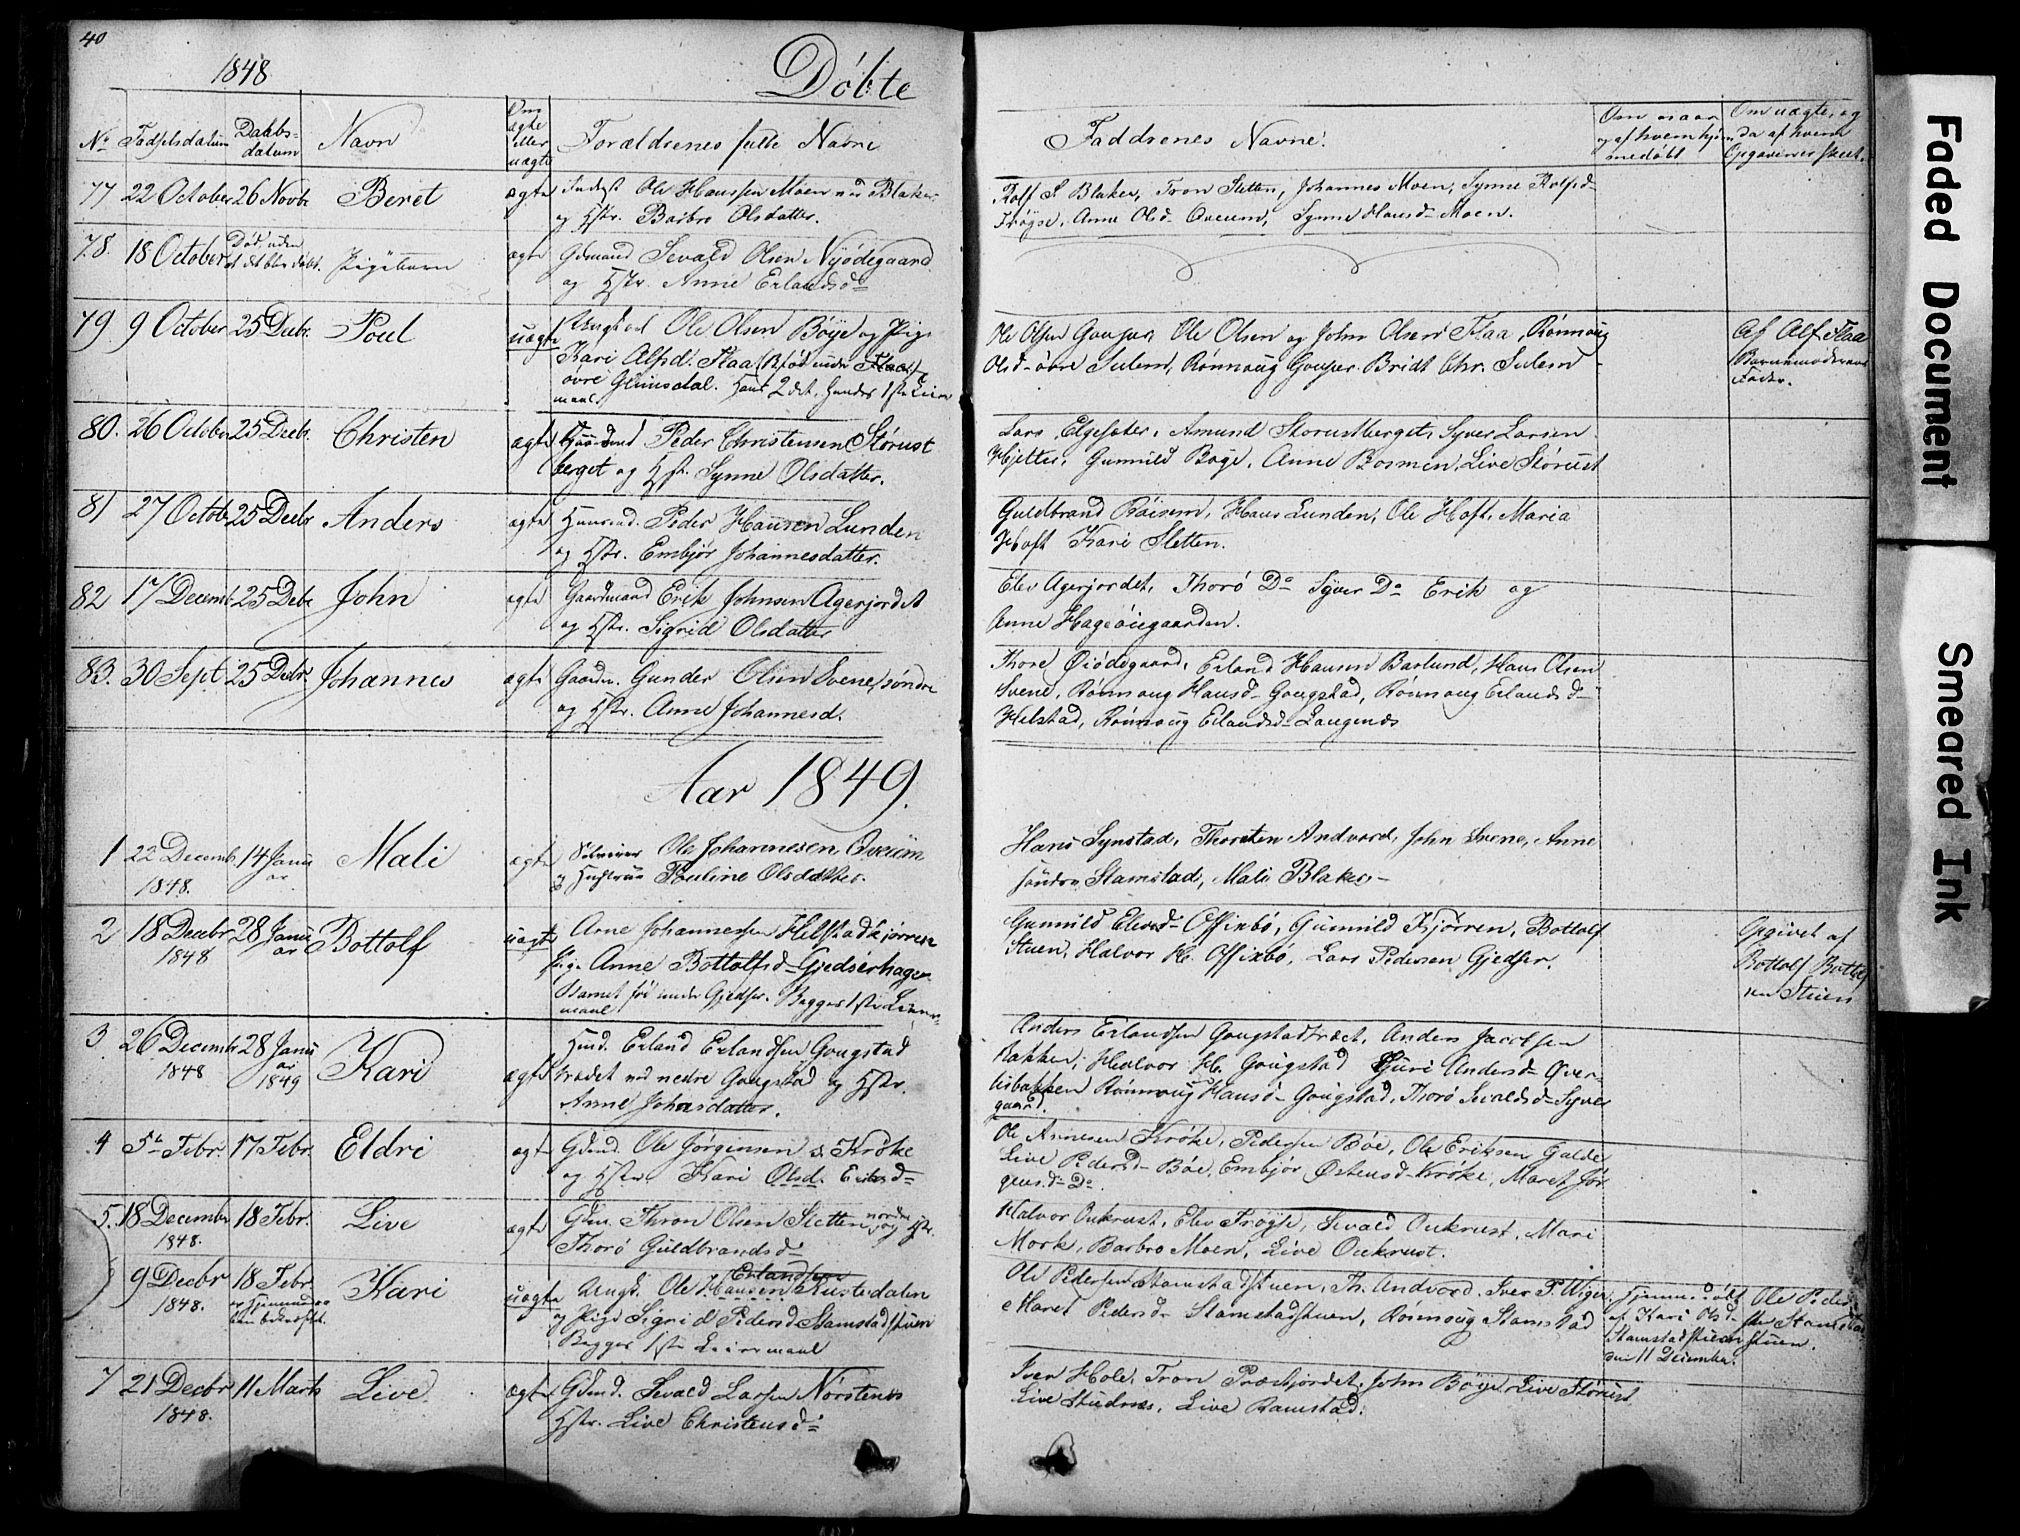 SAH, Lom prestekontor, L/L0012: Klokkerbok nr. 12, 1845-1873, s. 40-41